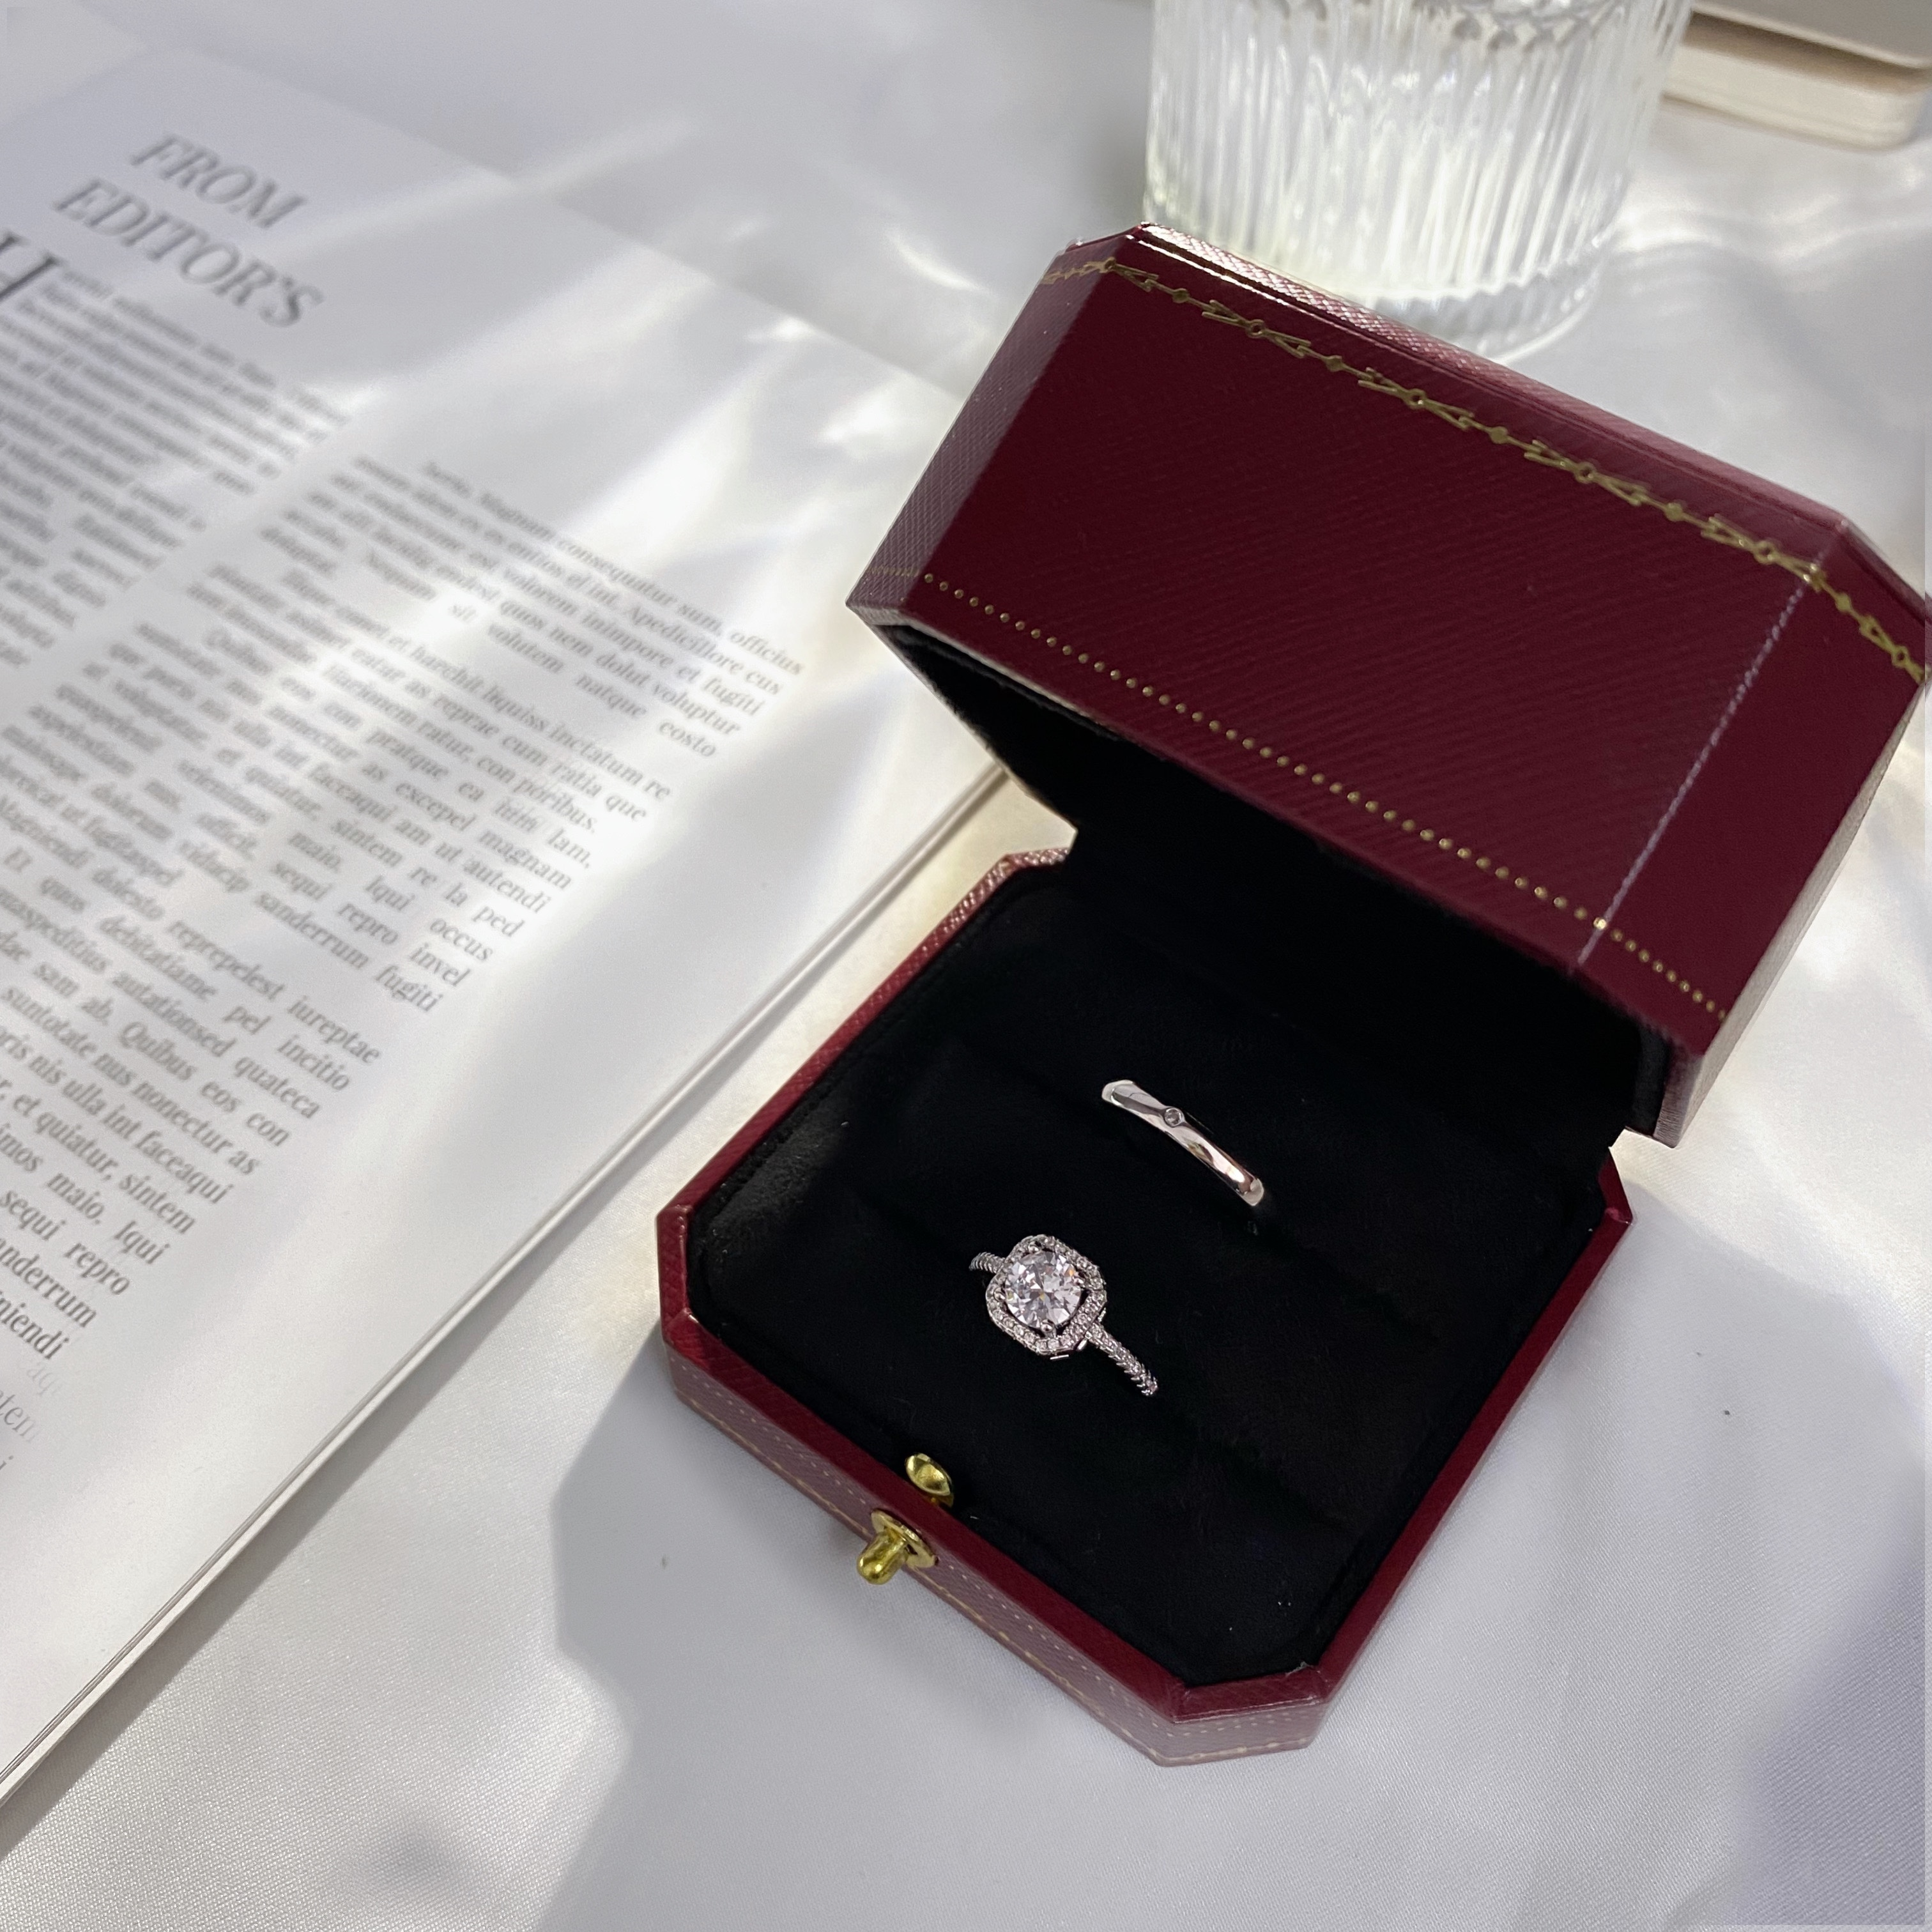 小红书同款结婚婚礼假对戒情侣方形钻戒戒指道具活口可调节婚戒